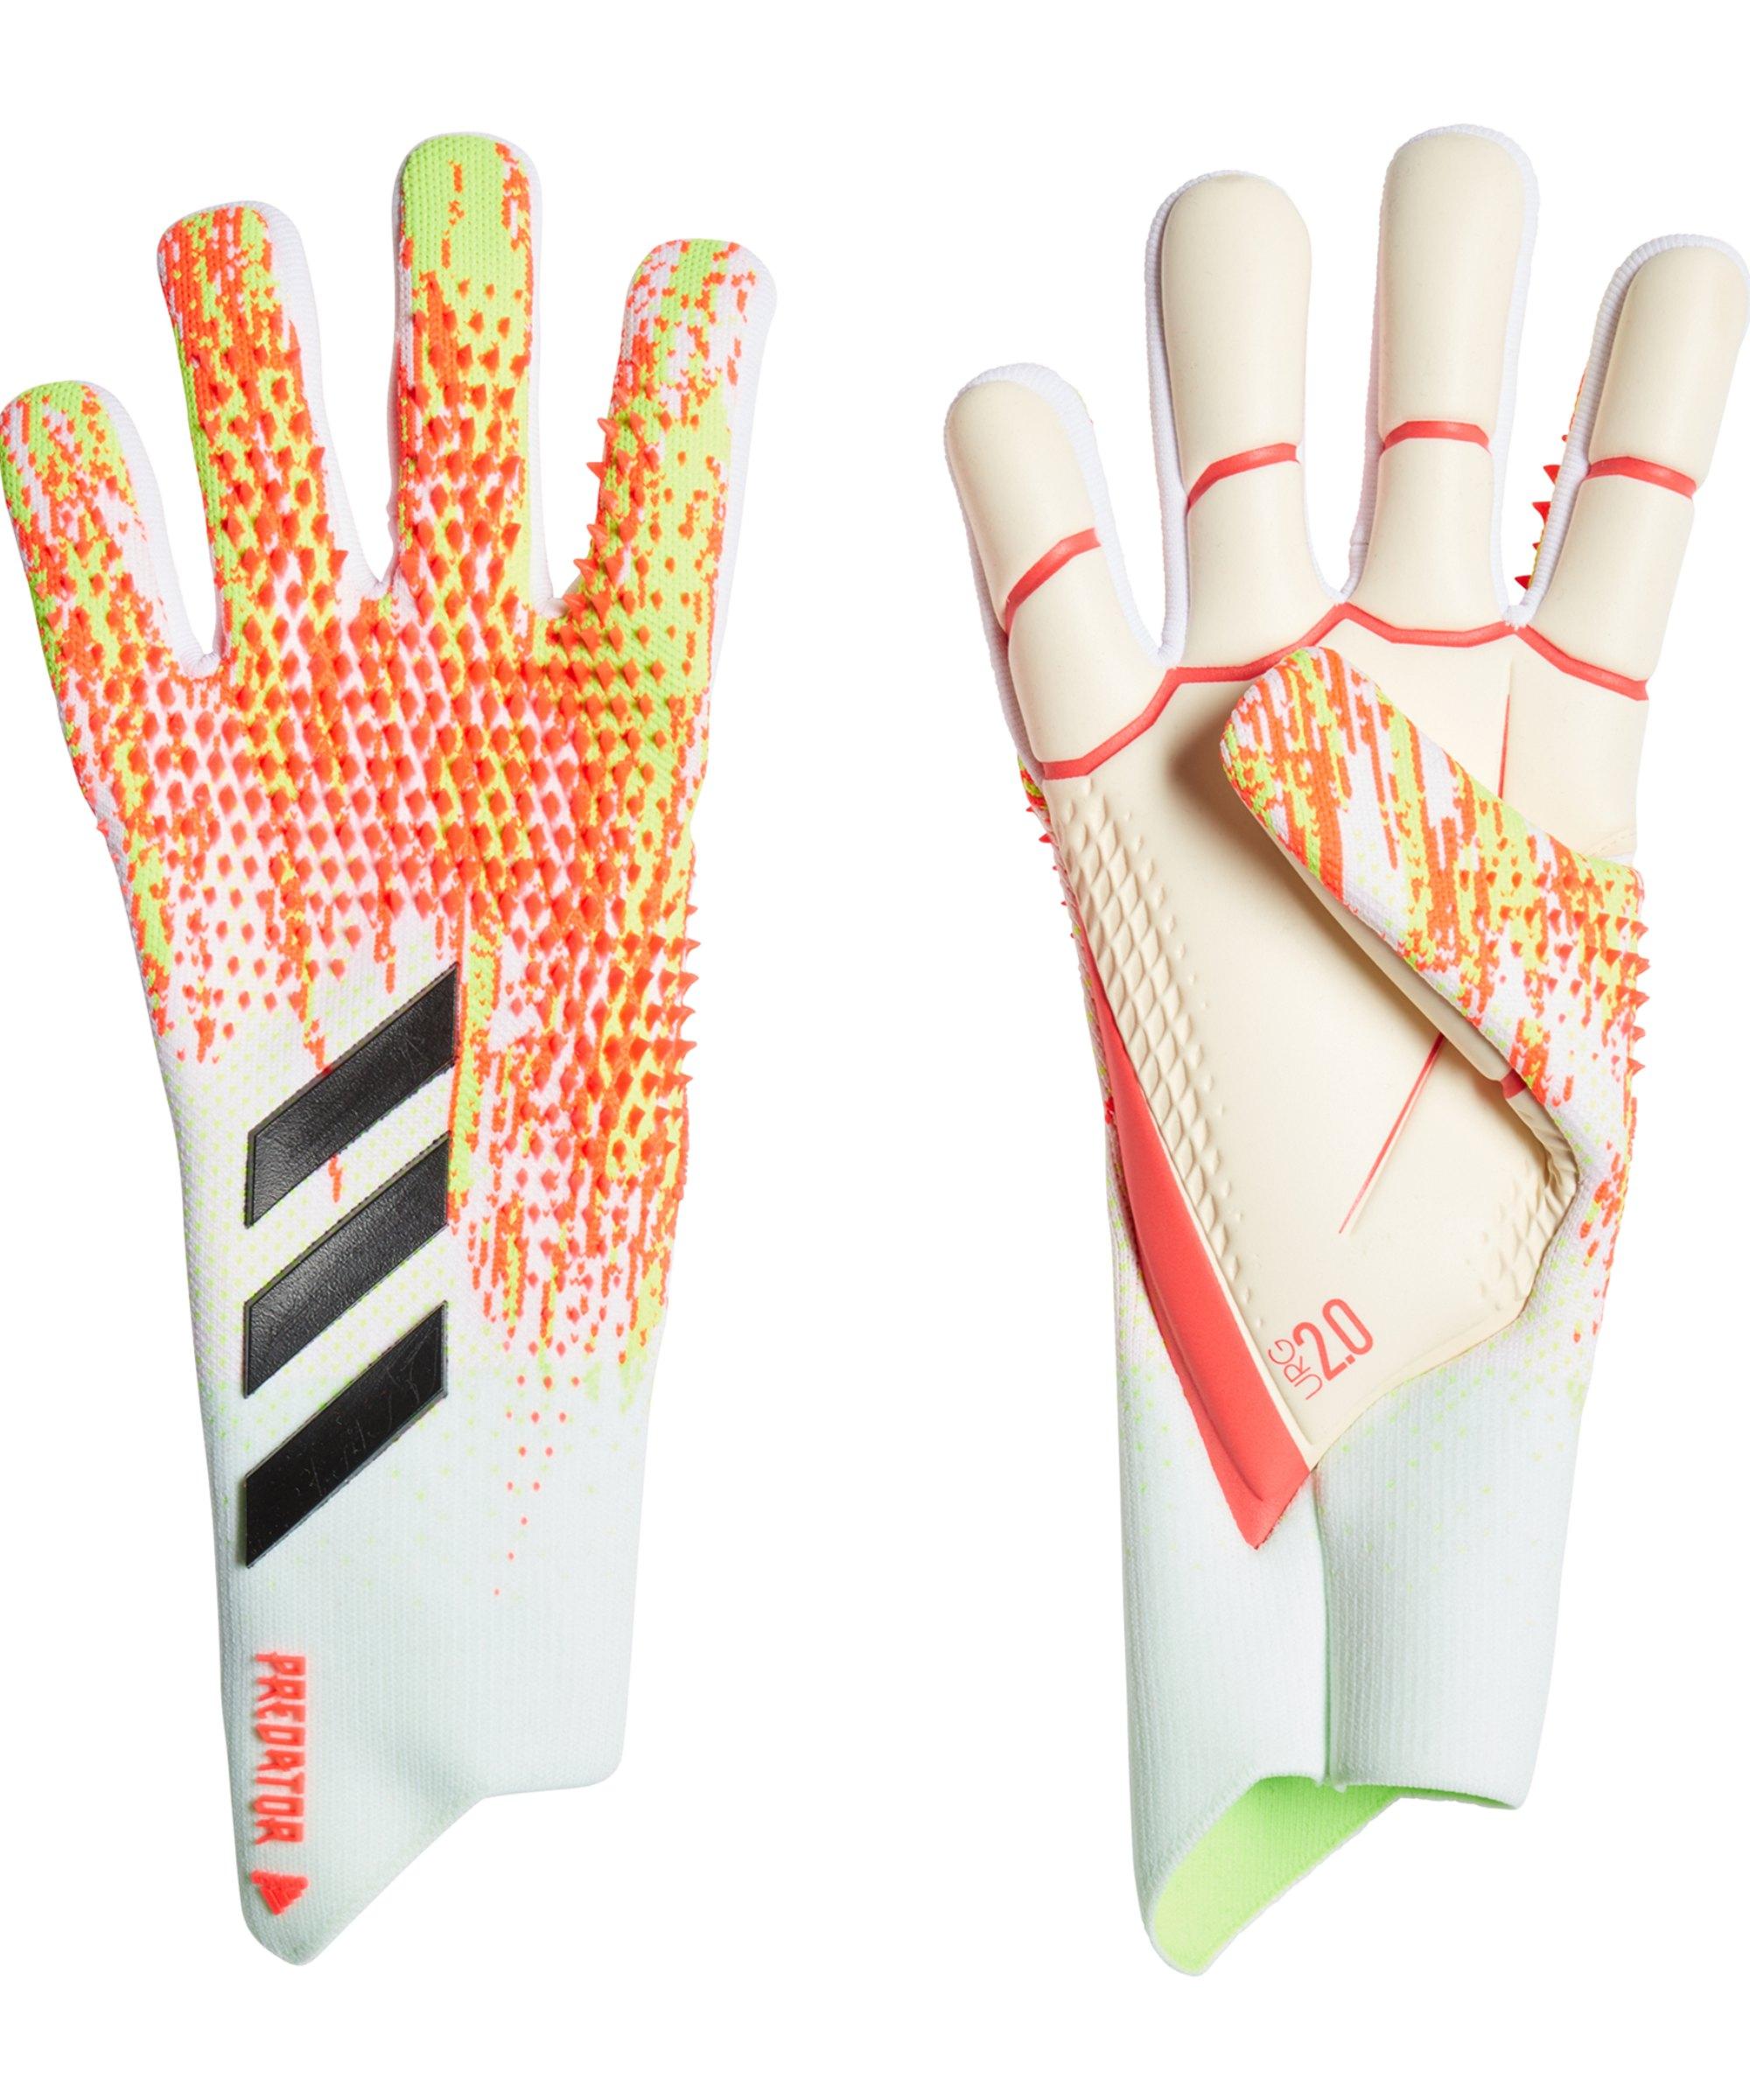 adidas Predator Uniforia Pro TW-Handschuh Weiss Orange - weiss